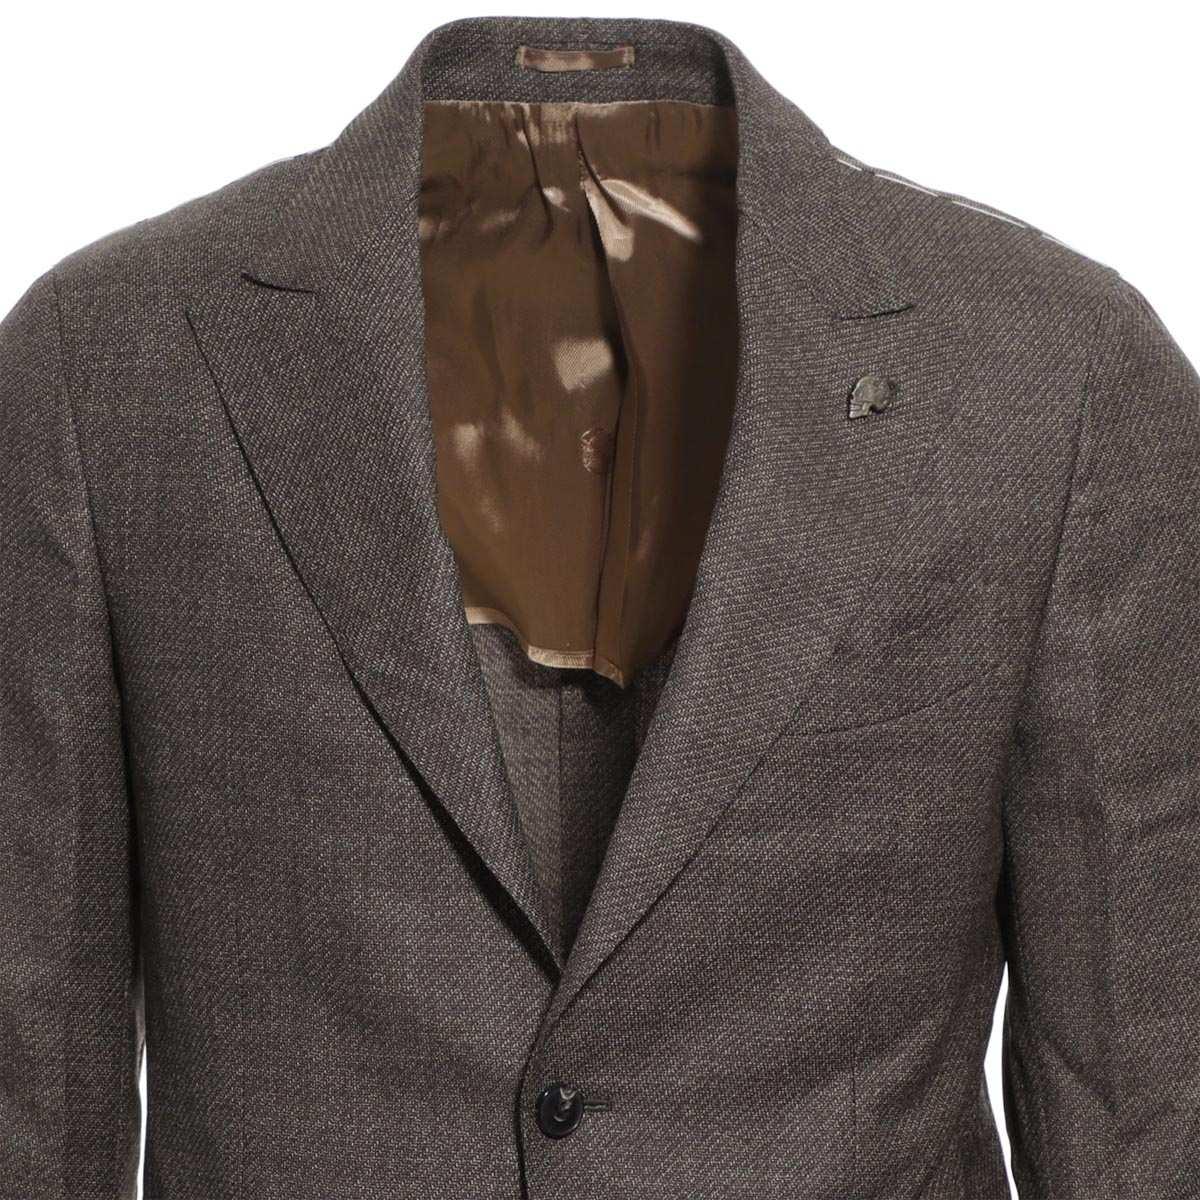 ガブリエレ パジーニ Gabriele Pasini 2つボタン シングルジャケット ブラウン メンズ テーラード ジャケット カジュアル g14067 gp14416 12 SINGLE JACKET【あす楽対応_関東】【返品送料無料】【ラッピング無料】